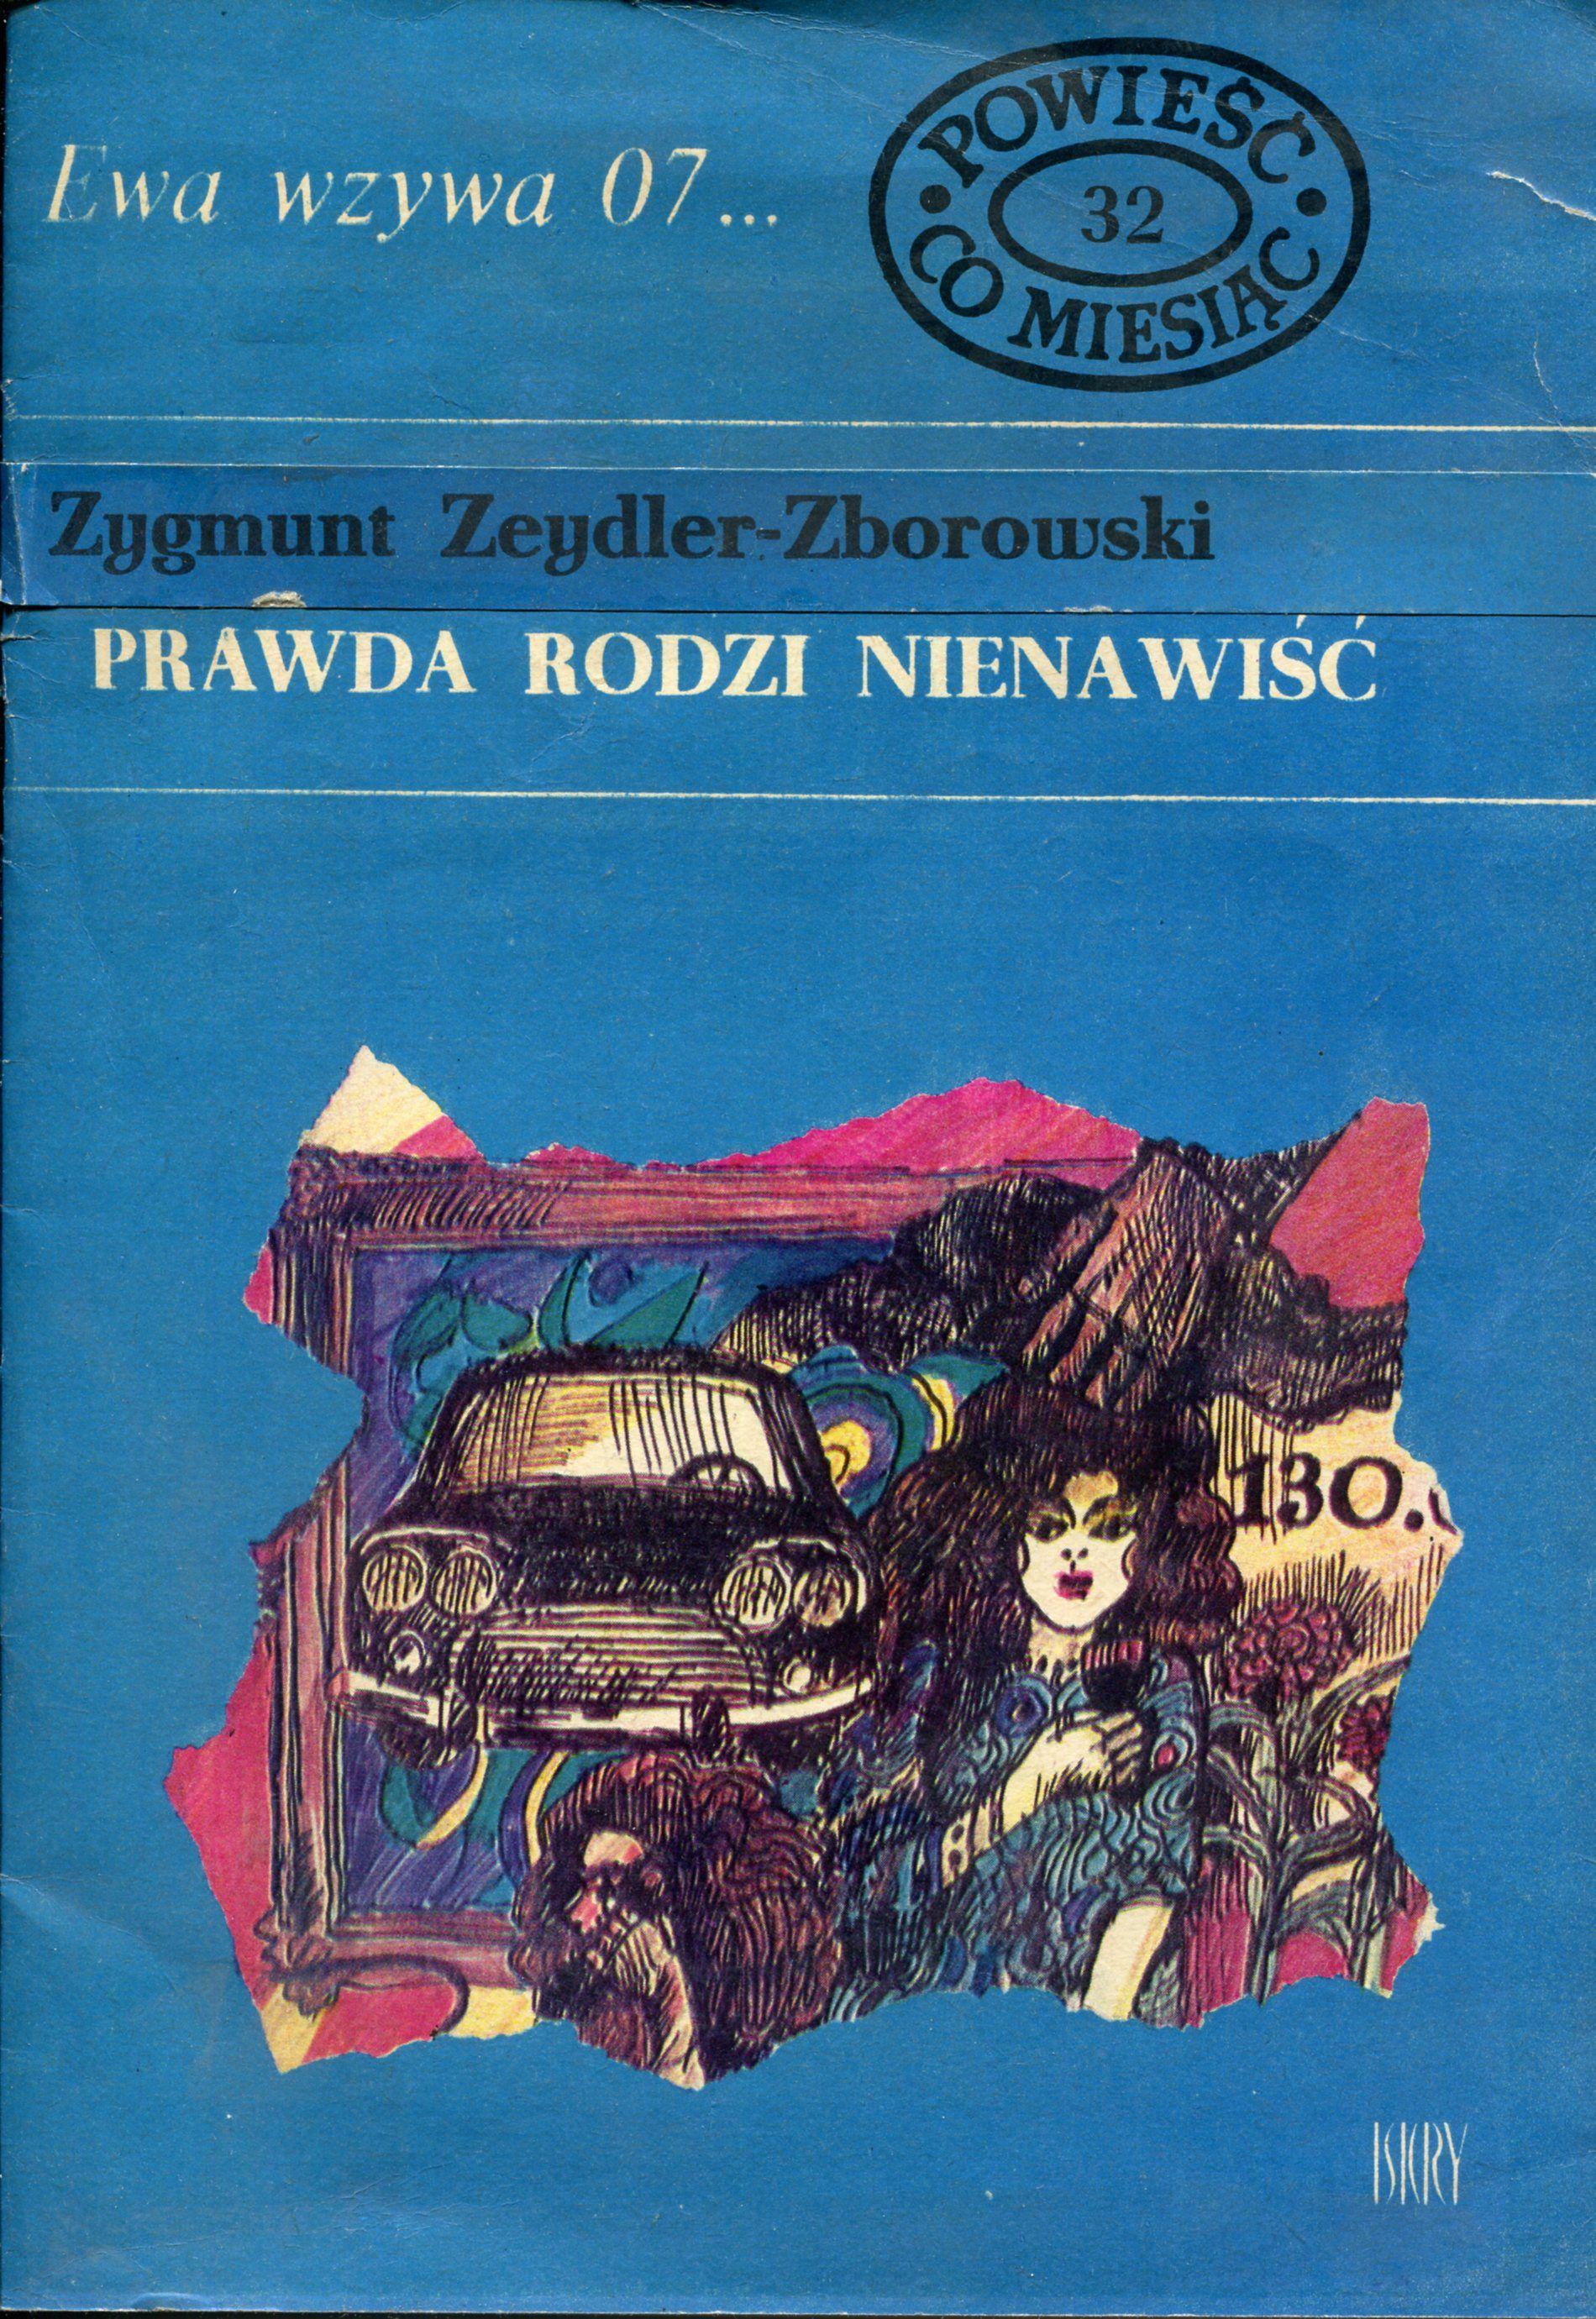 Prawda Rodzi Nienawisc Zygmunt Zeydler Zborowski Cover By Marian Stachurski Book Series Ewa Wzywa 07 Published By Wyd Pandora Screenshot Movie Posters Poster